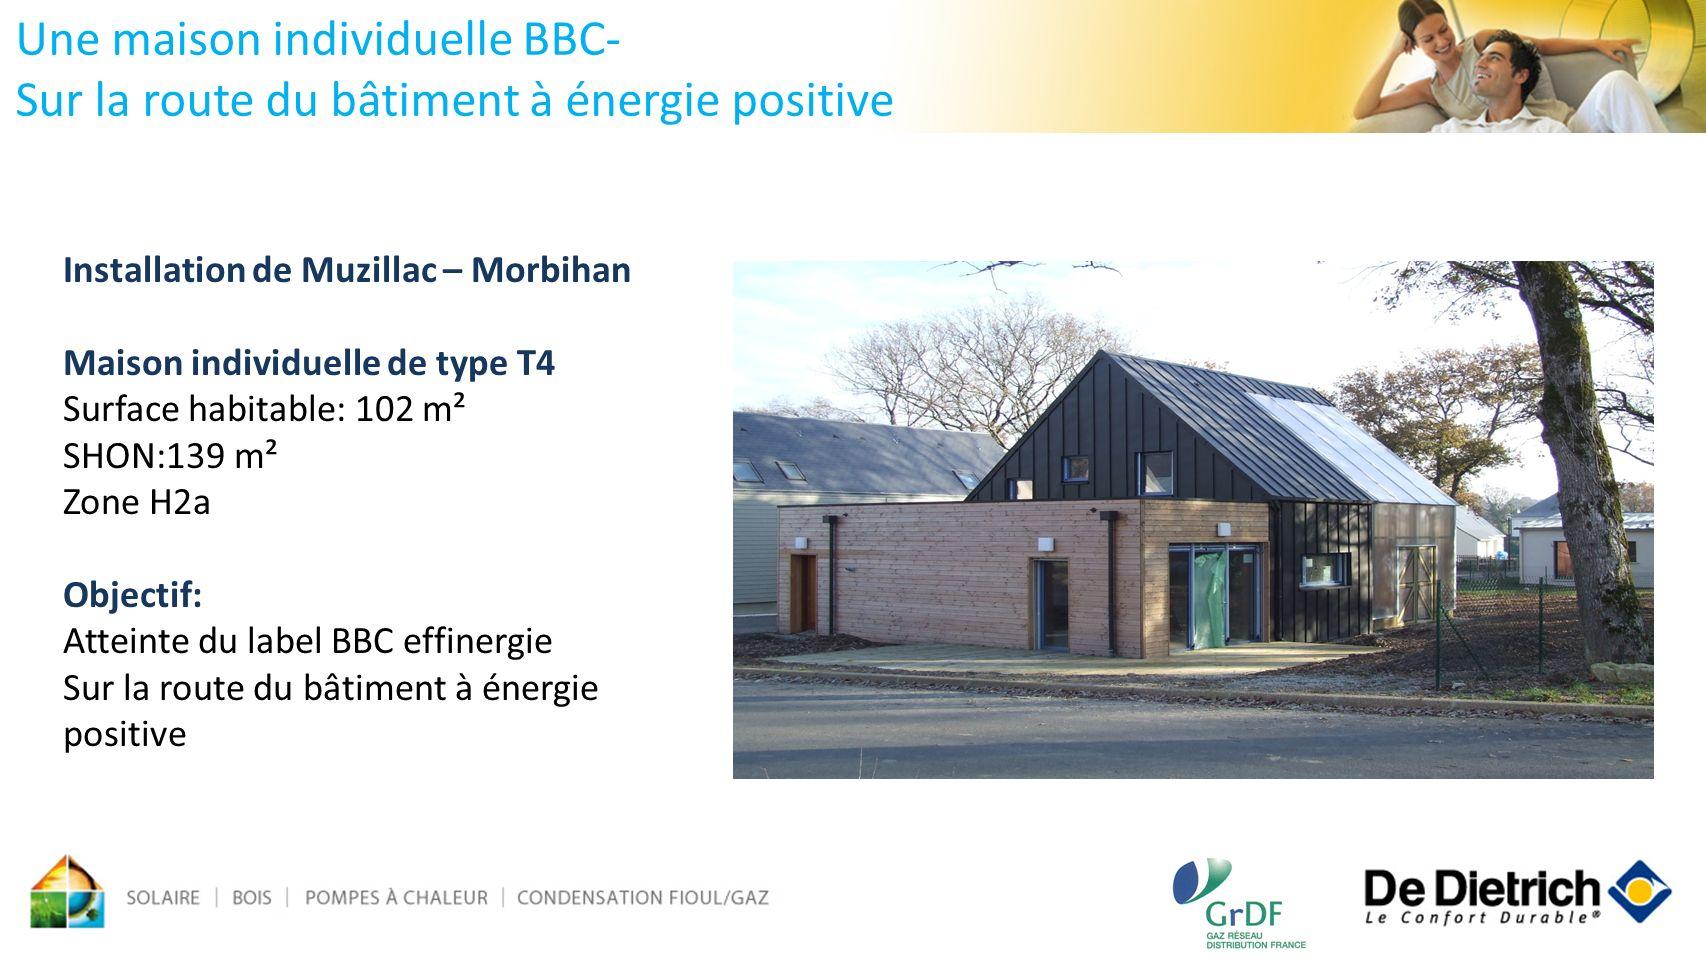 Une maison individuelle BBC- Sur la route du bâtiment à énergie positive Installation de Muzillac – Morbihan Maison individuelle de type T4 Surface ha